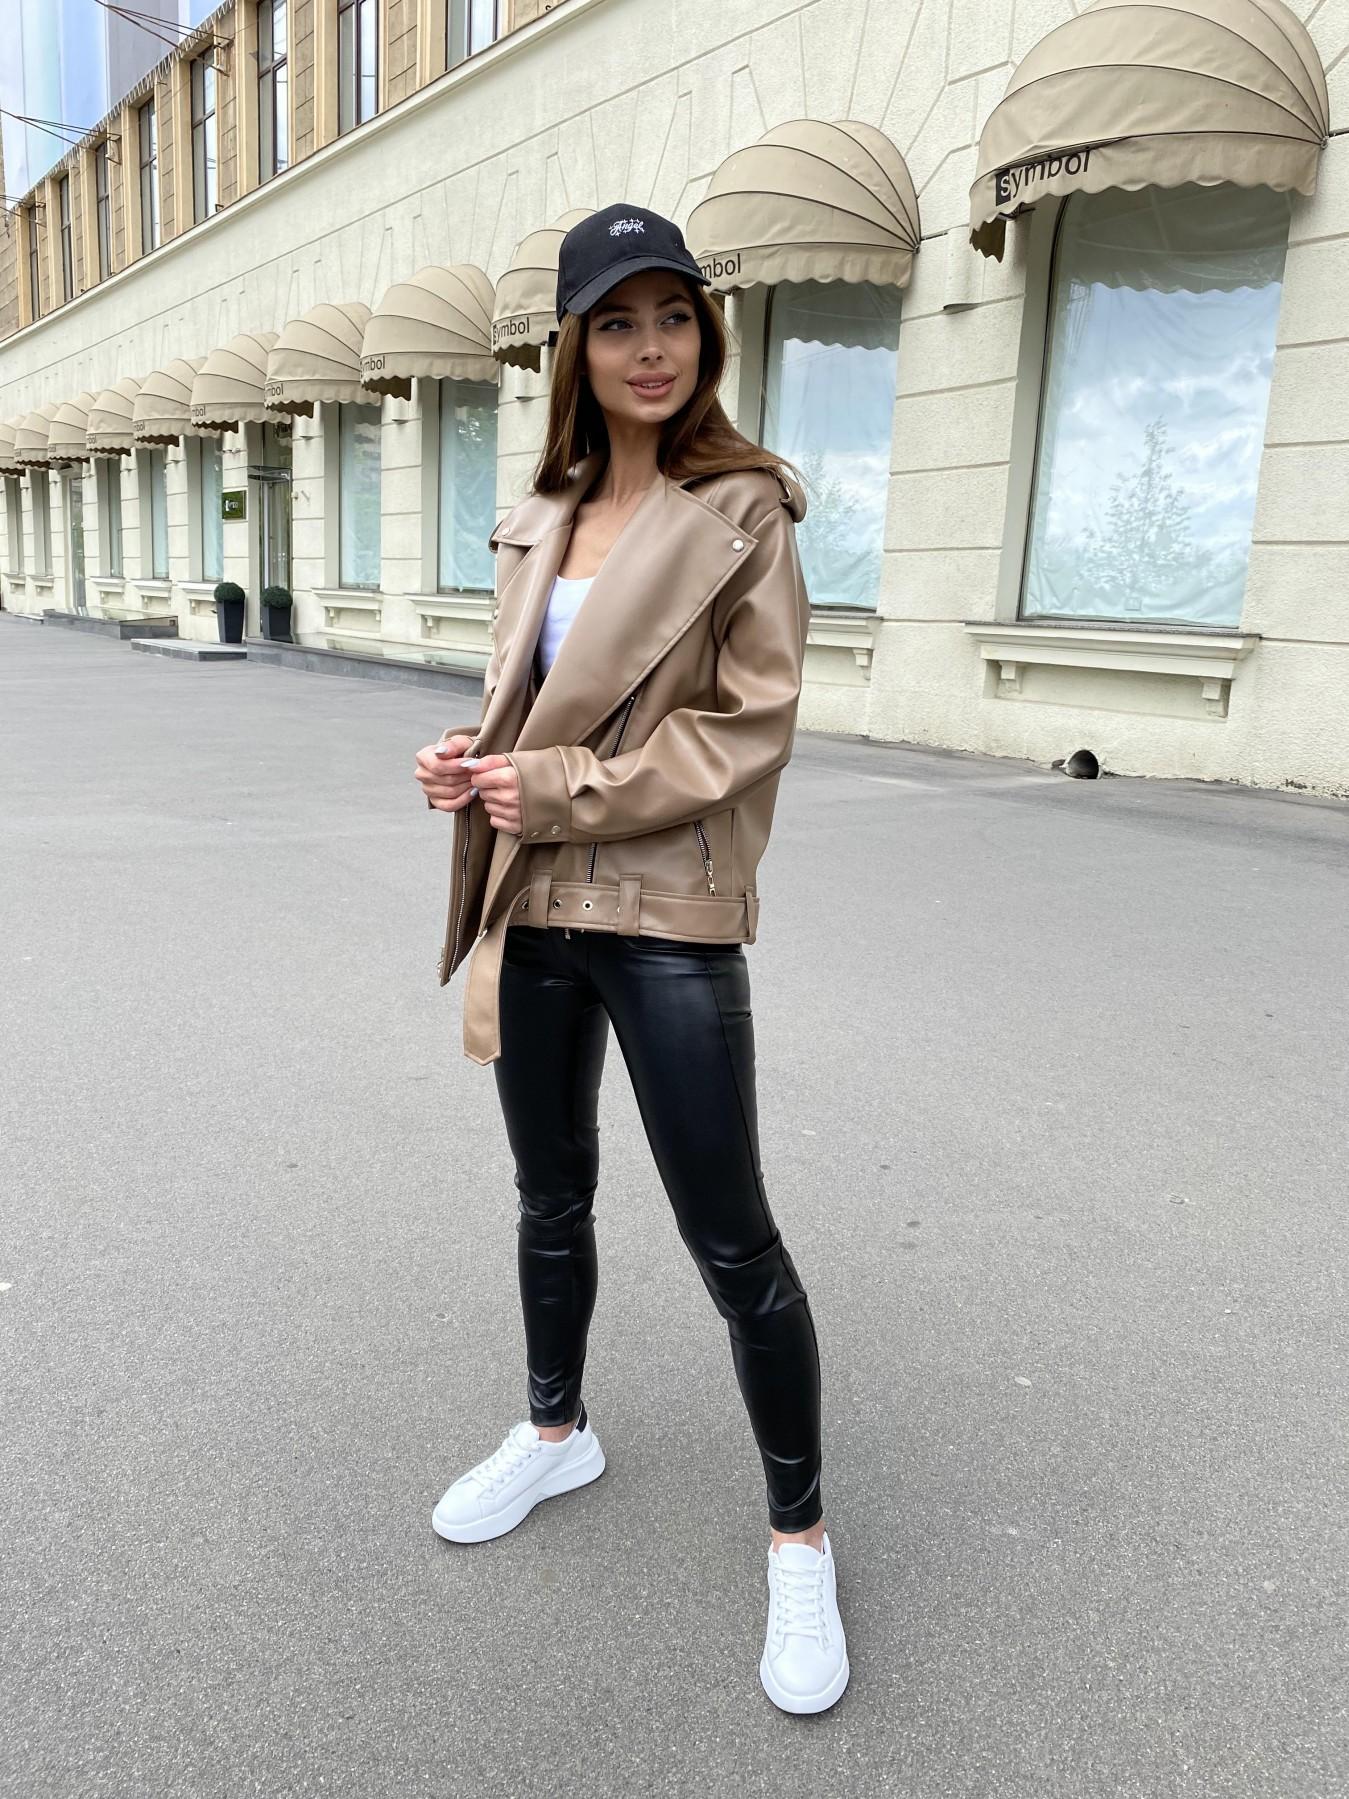 Фора куртка из экокожи прокатанная 11204 АРТ. 47789 Цвет: Бежевый Темный - фото 5, интернет магазин tm-modus.ru